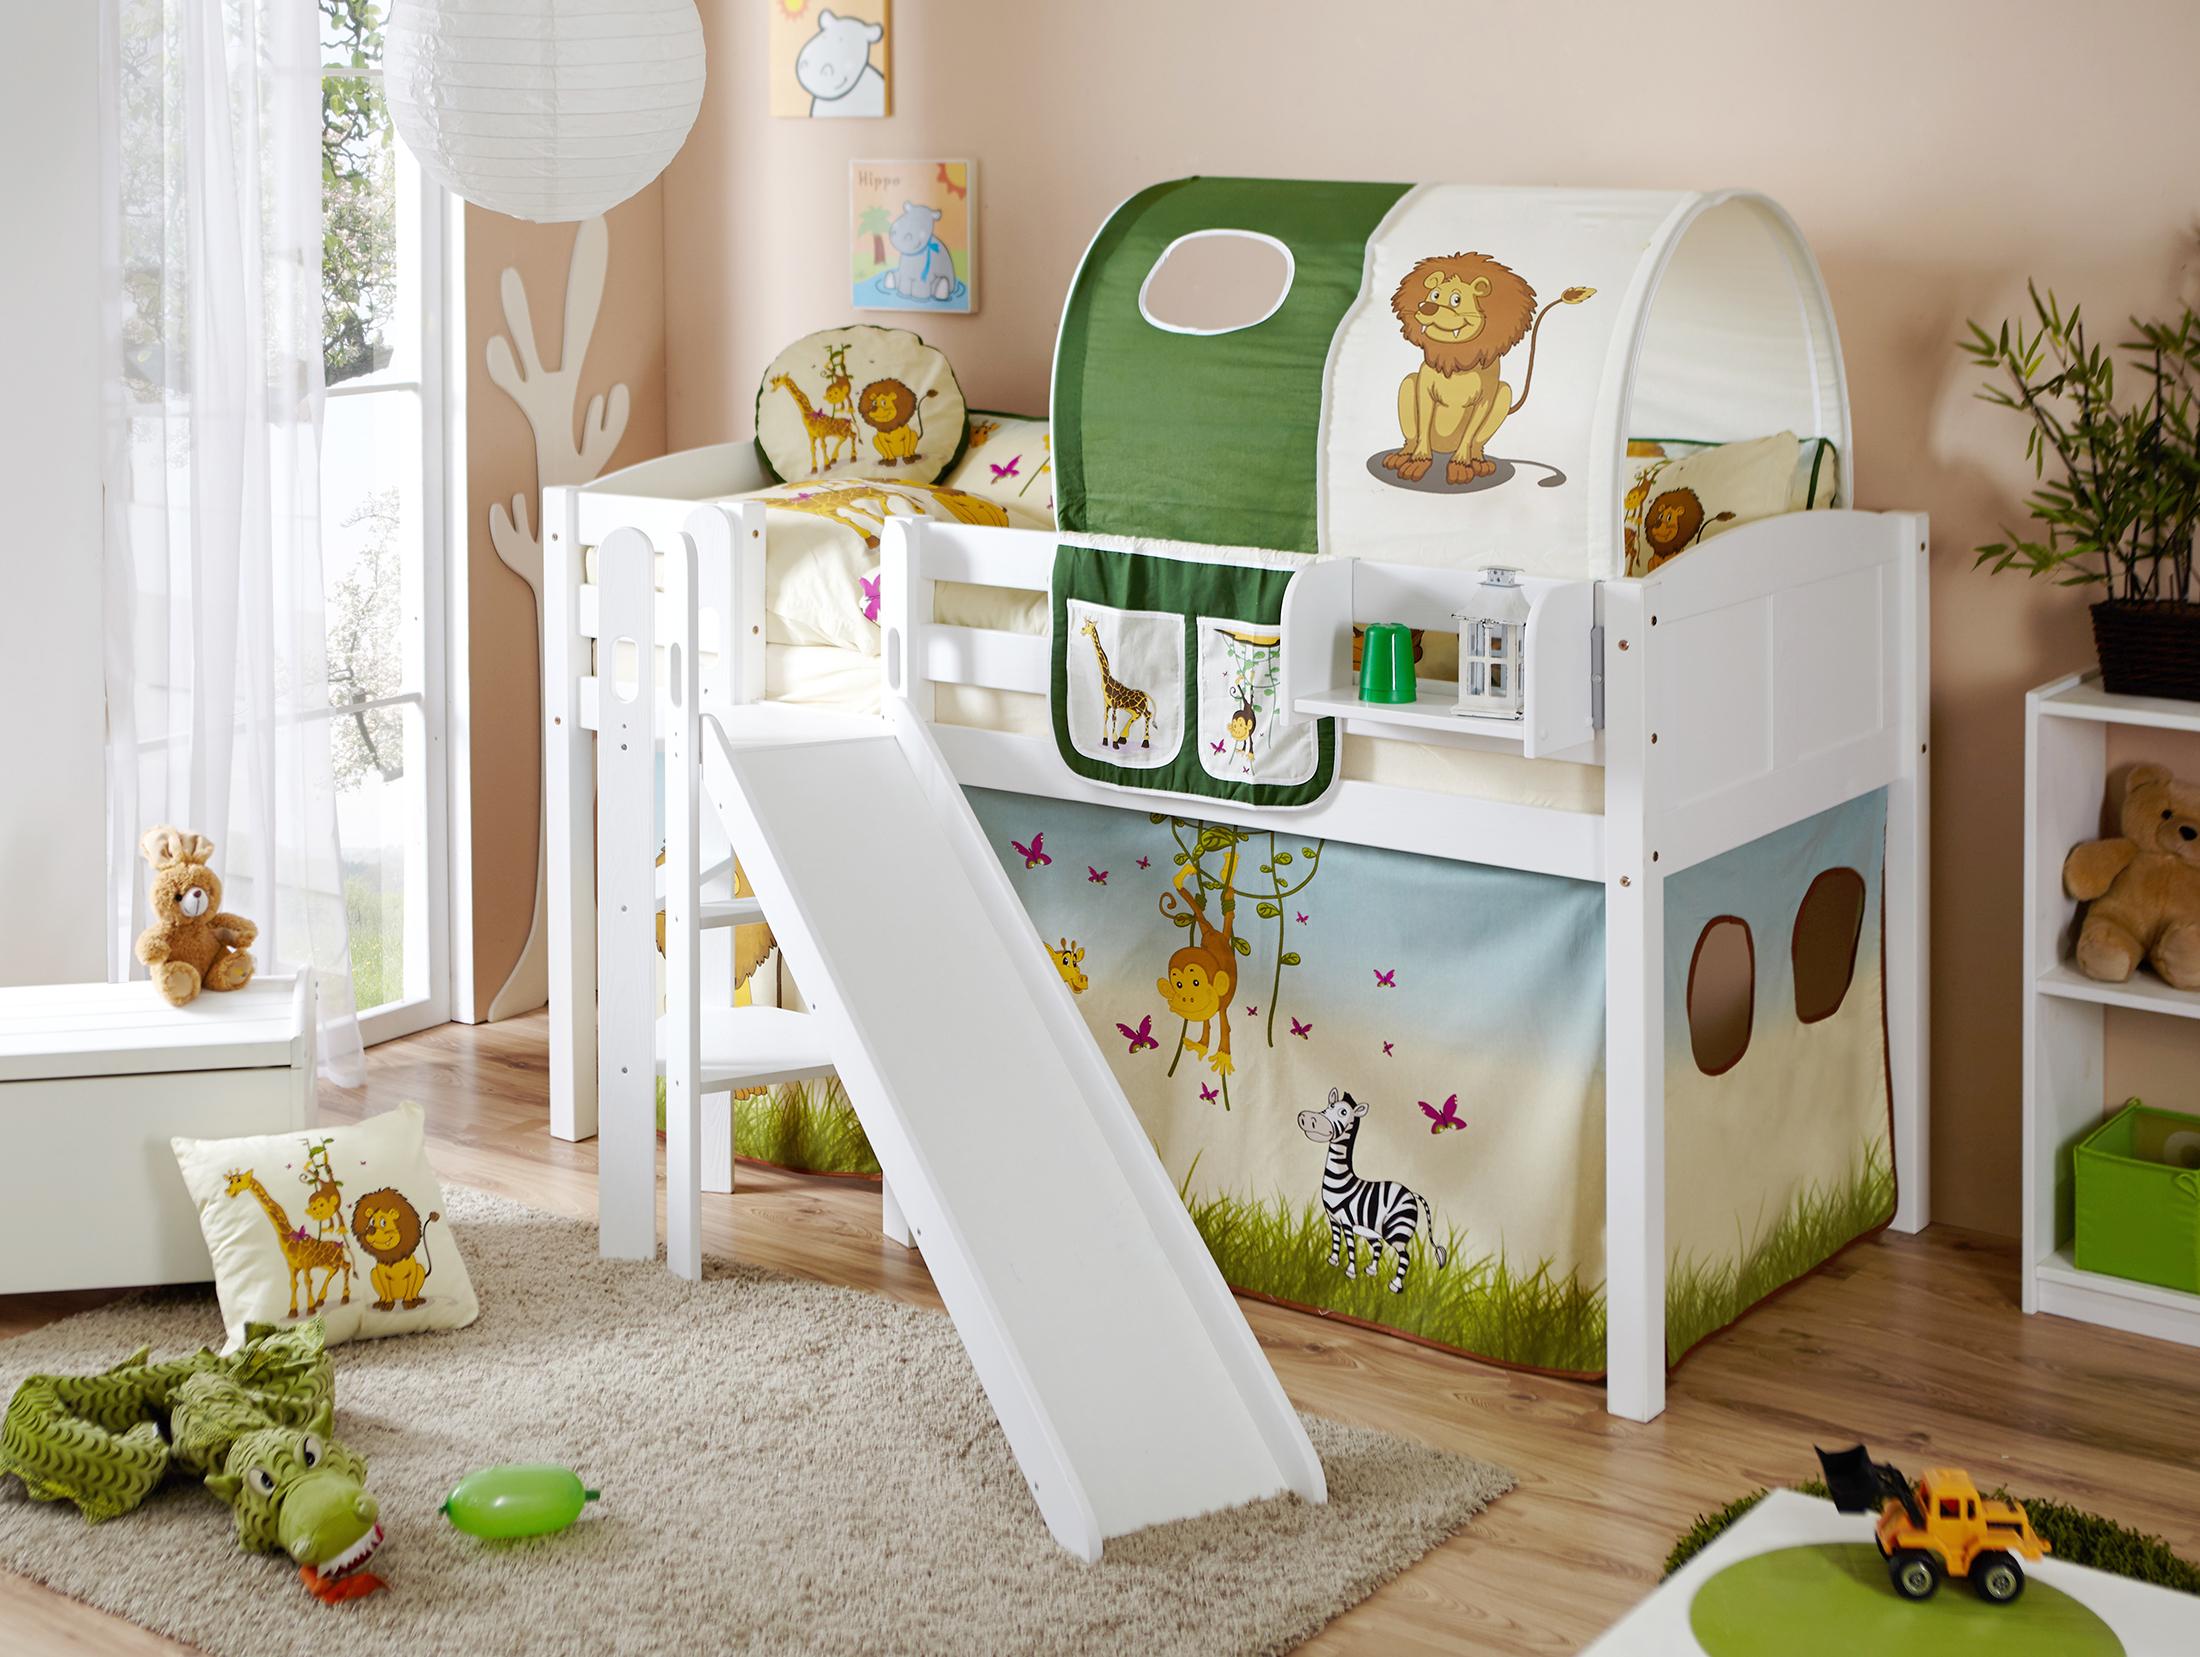 Etagenbett Für Kinder Mit Rutsche : Die besten bilder von hochbett mit rutsche kids room guys